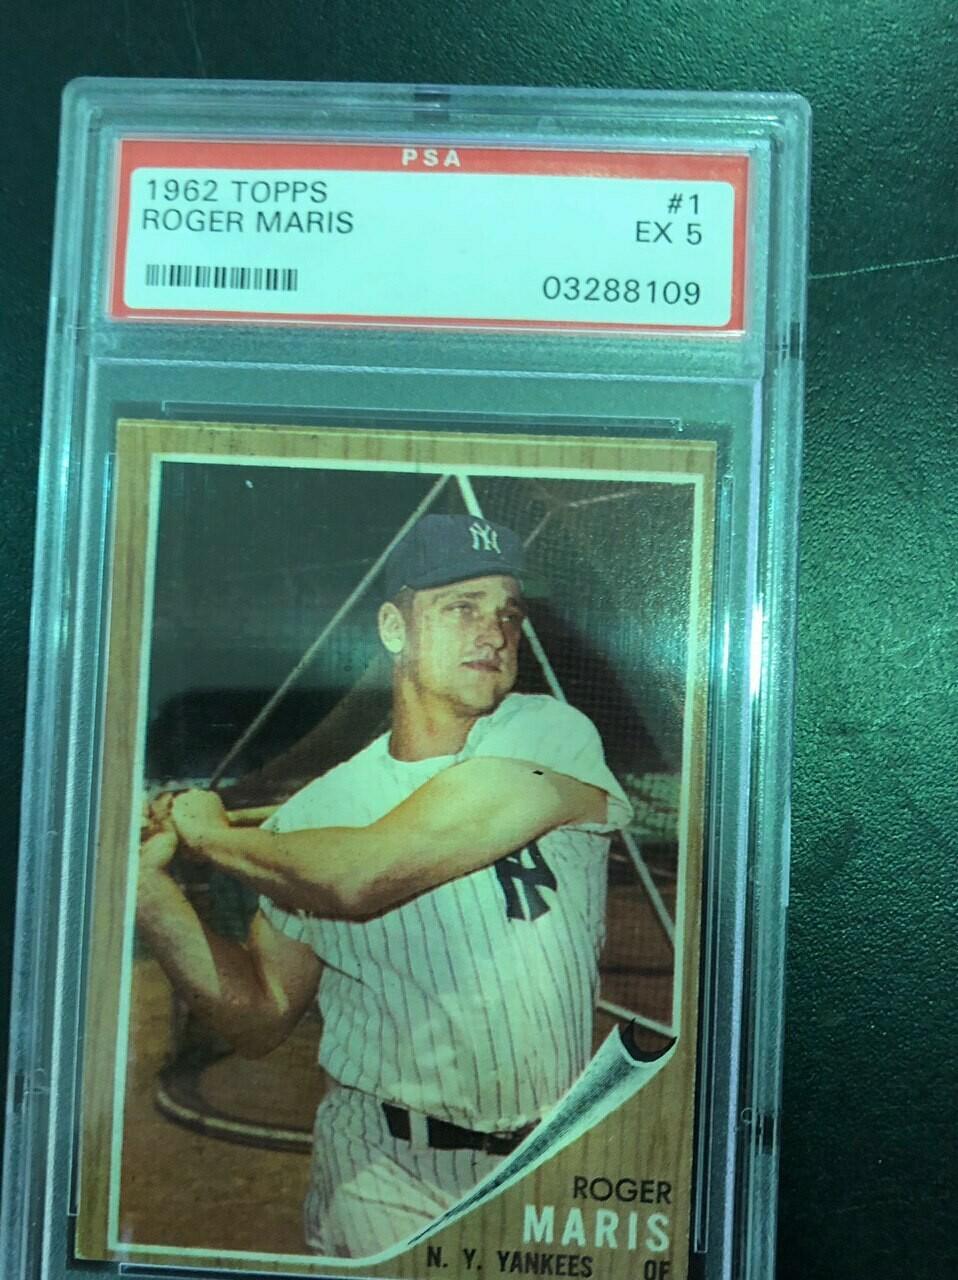 1962 Topps #1 Roger Maris PSA graded 5, $250